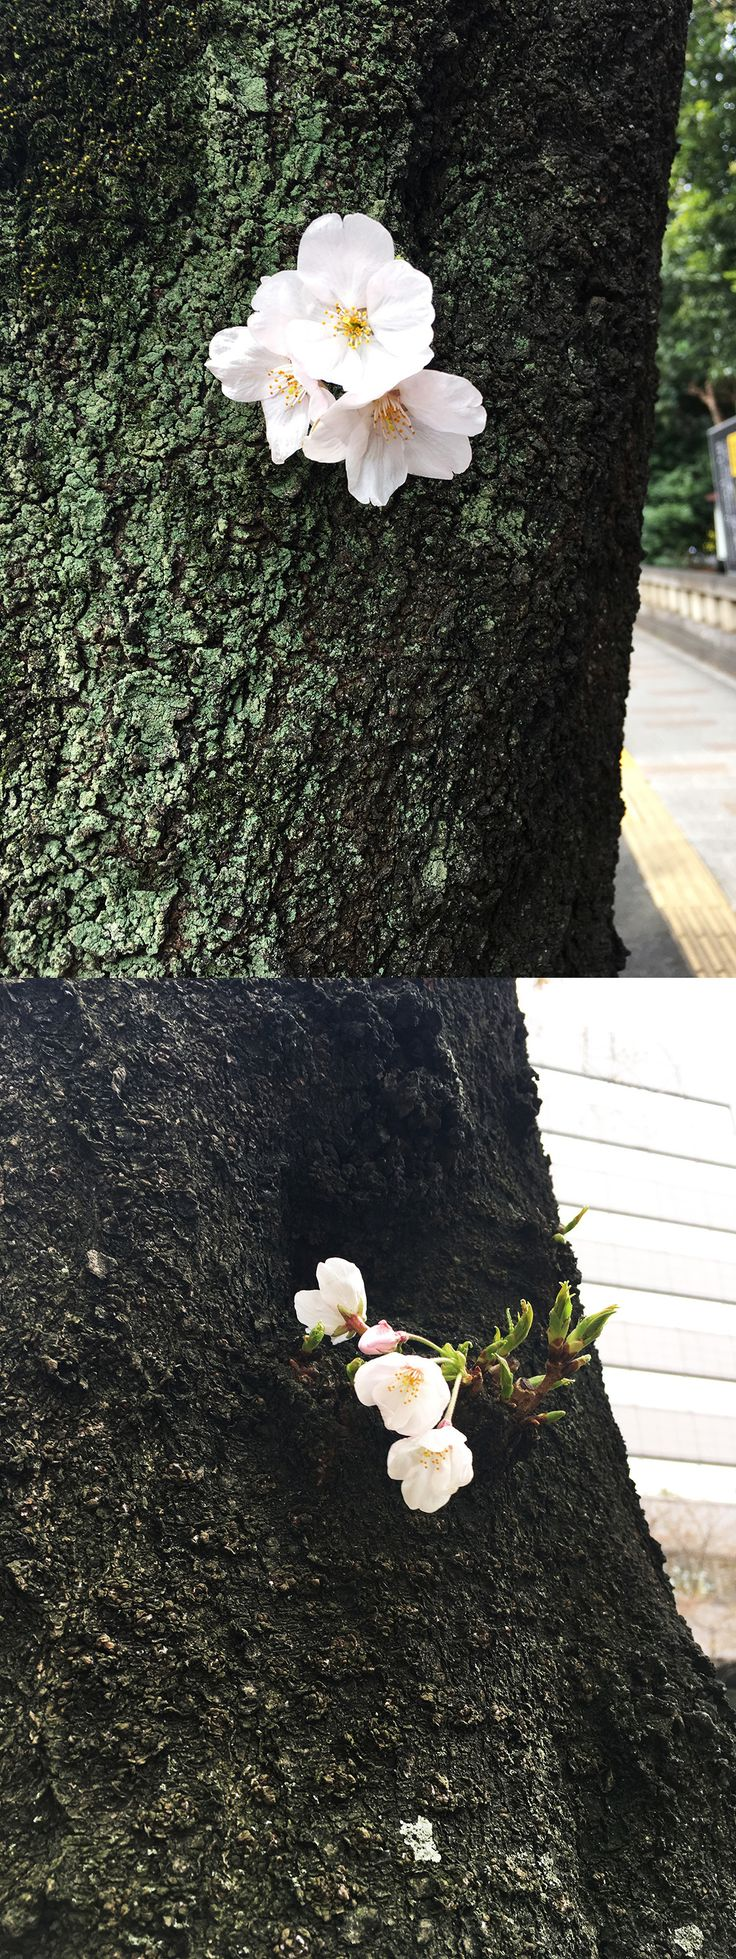 【編集者M】おはようございます。今日は靖国通りで小さな桜のつぶ子ちゃん2号(仮)達がバッチリ咲いていたらしく、編集長が朝からご満悦でした✨木の枝にたくさん咲く桜もいいですが、幹にちょこっと咲く桜もかわいらしくていいですね